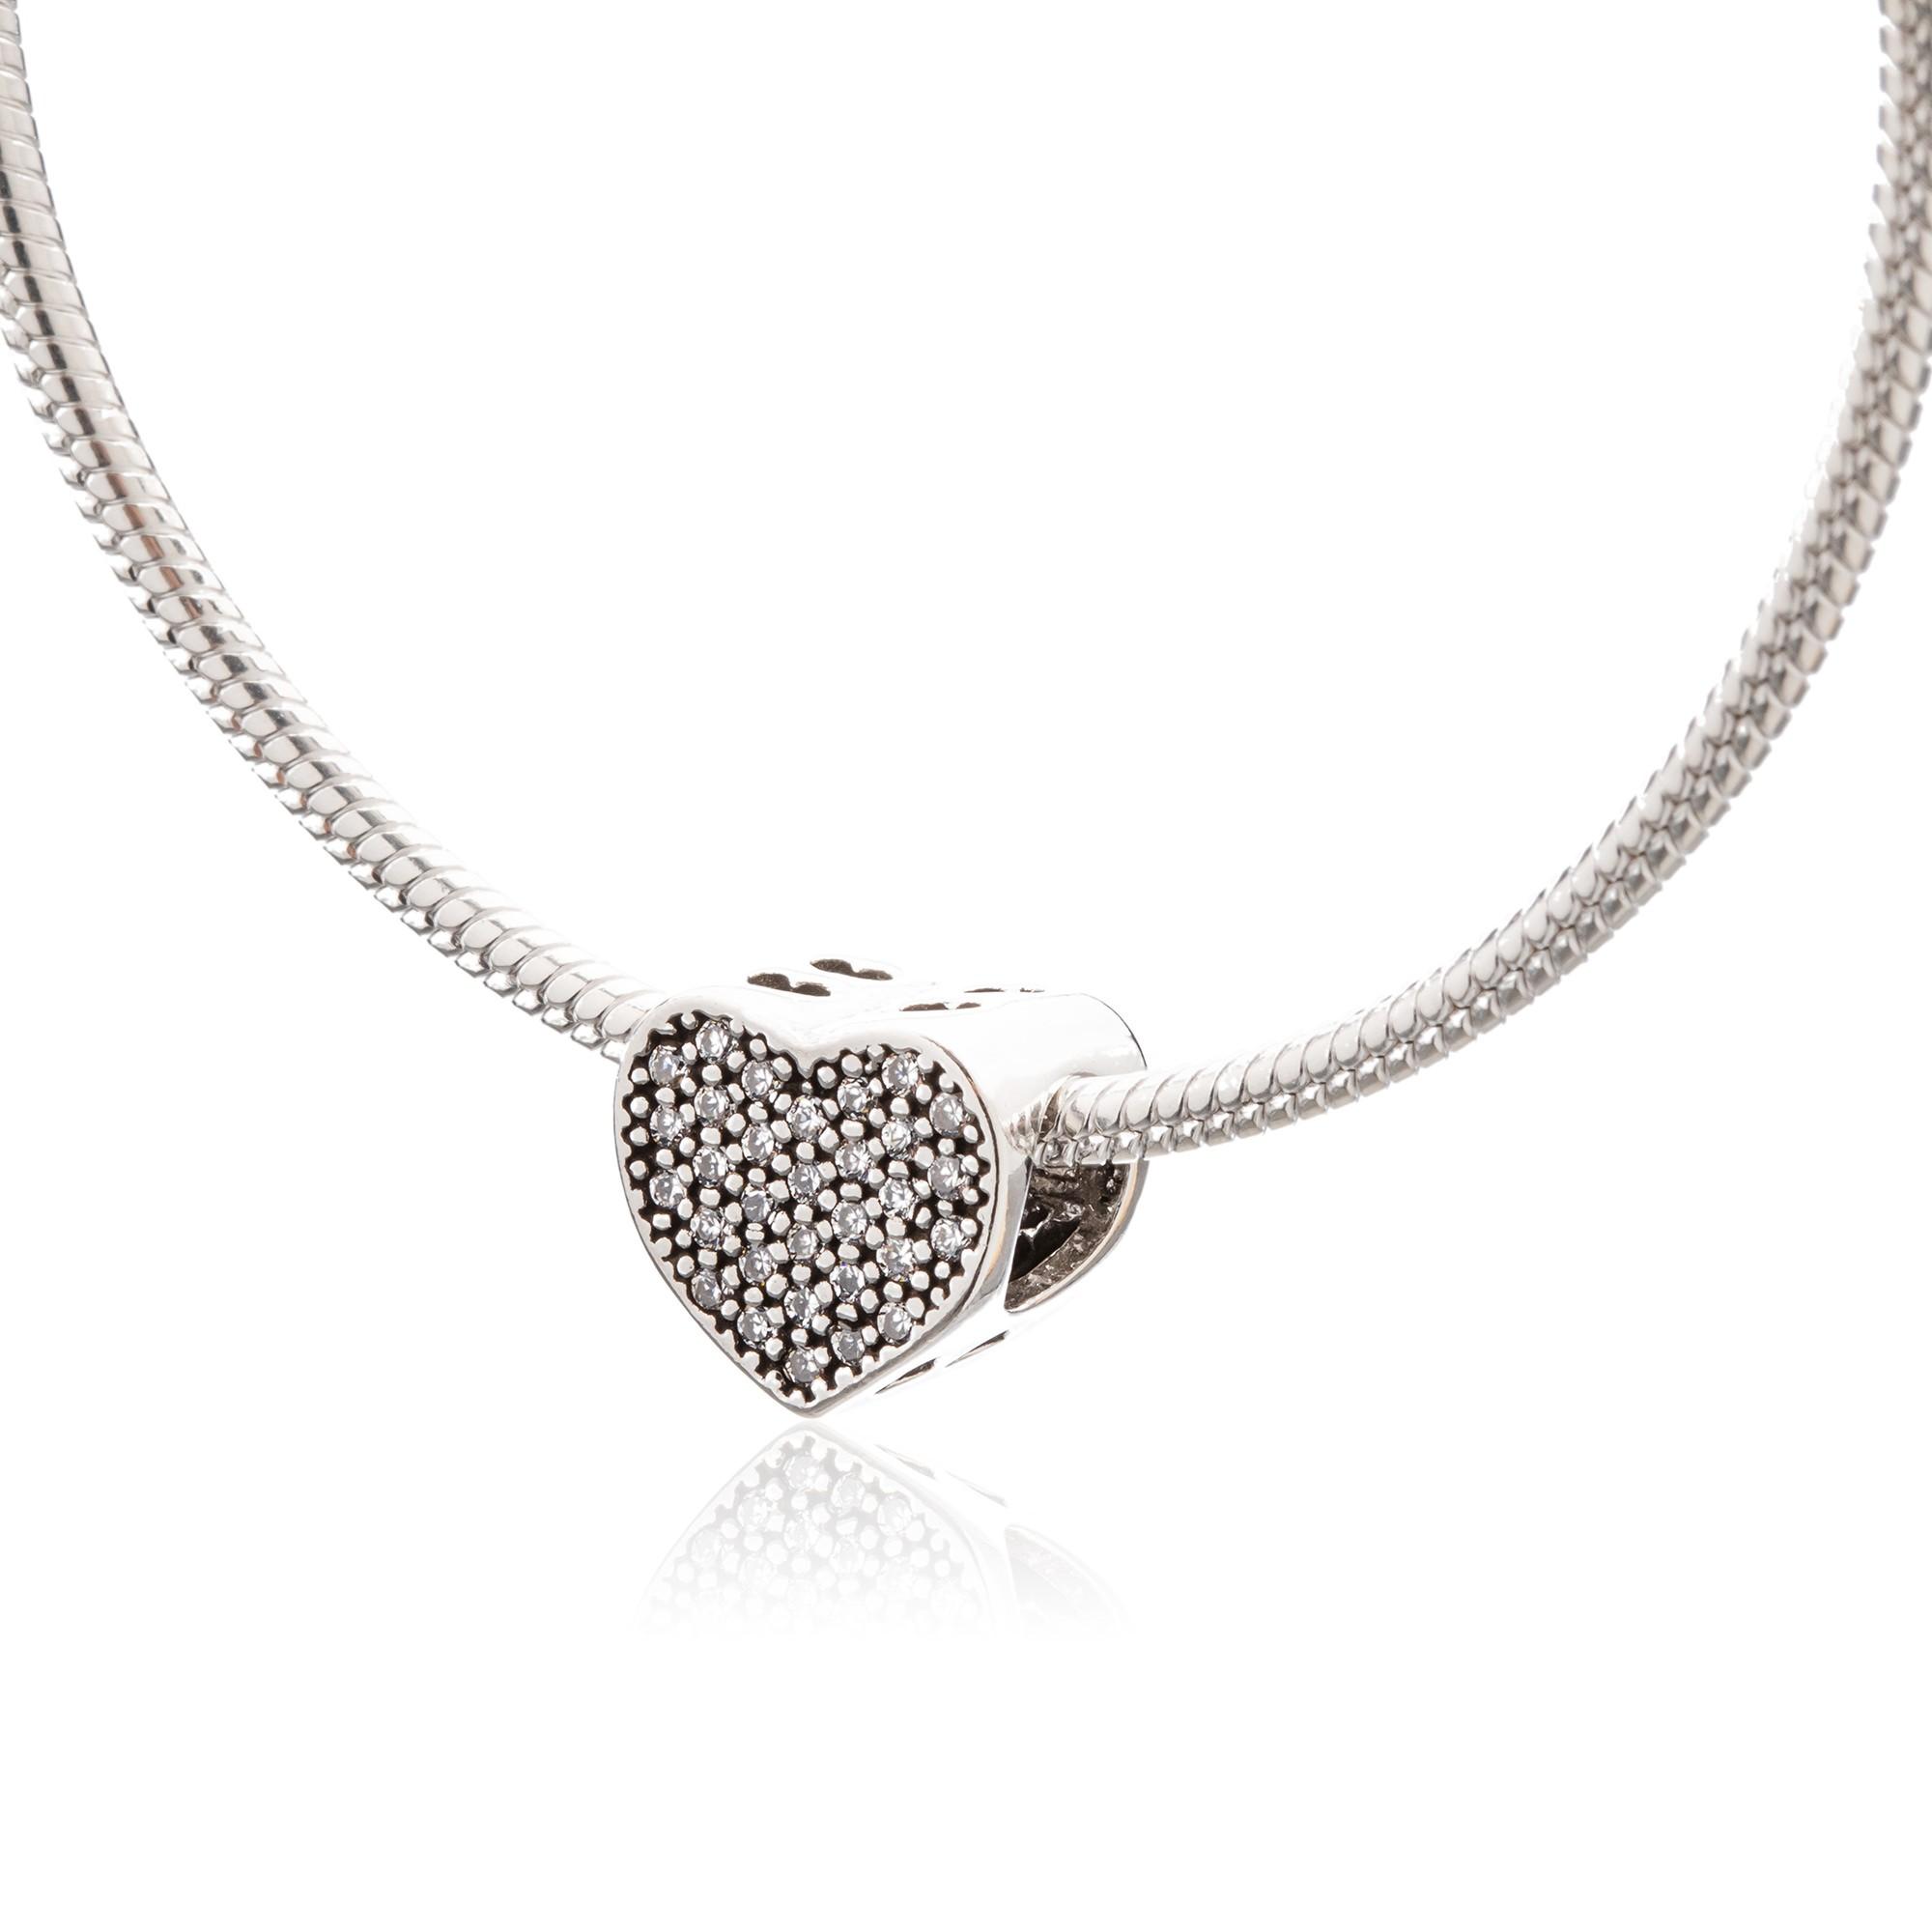 Berloque Coração com Zircônias em Prata 925